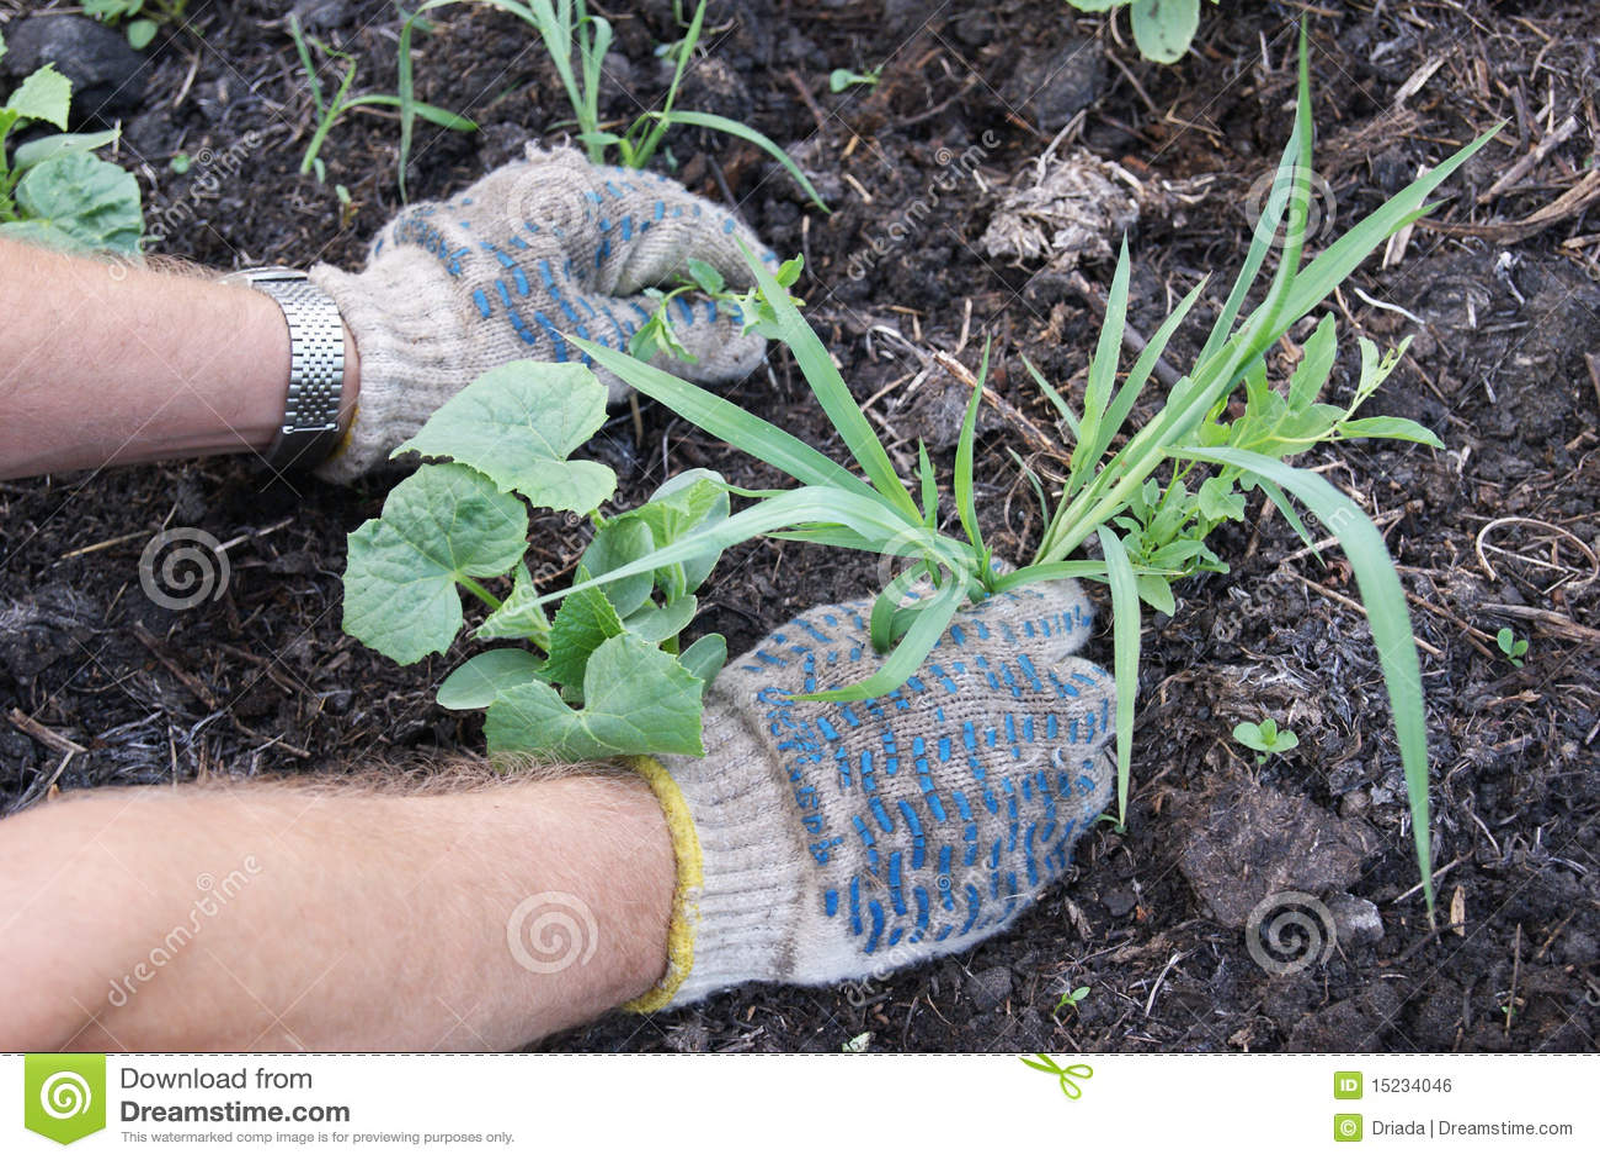 Weeding of weeds